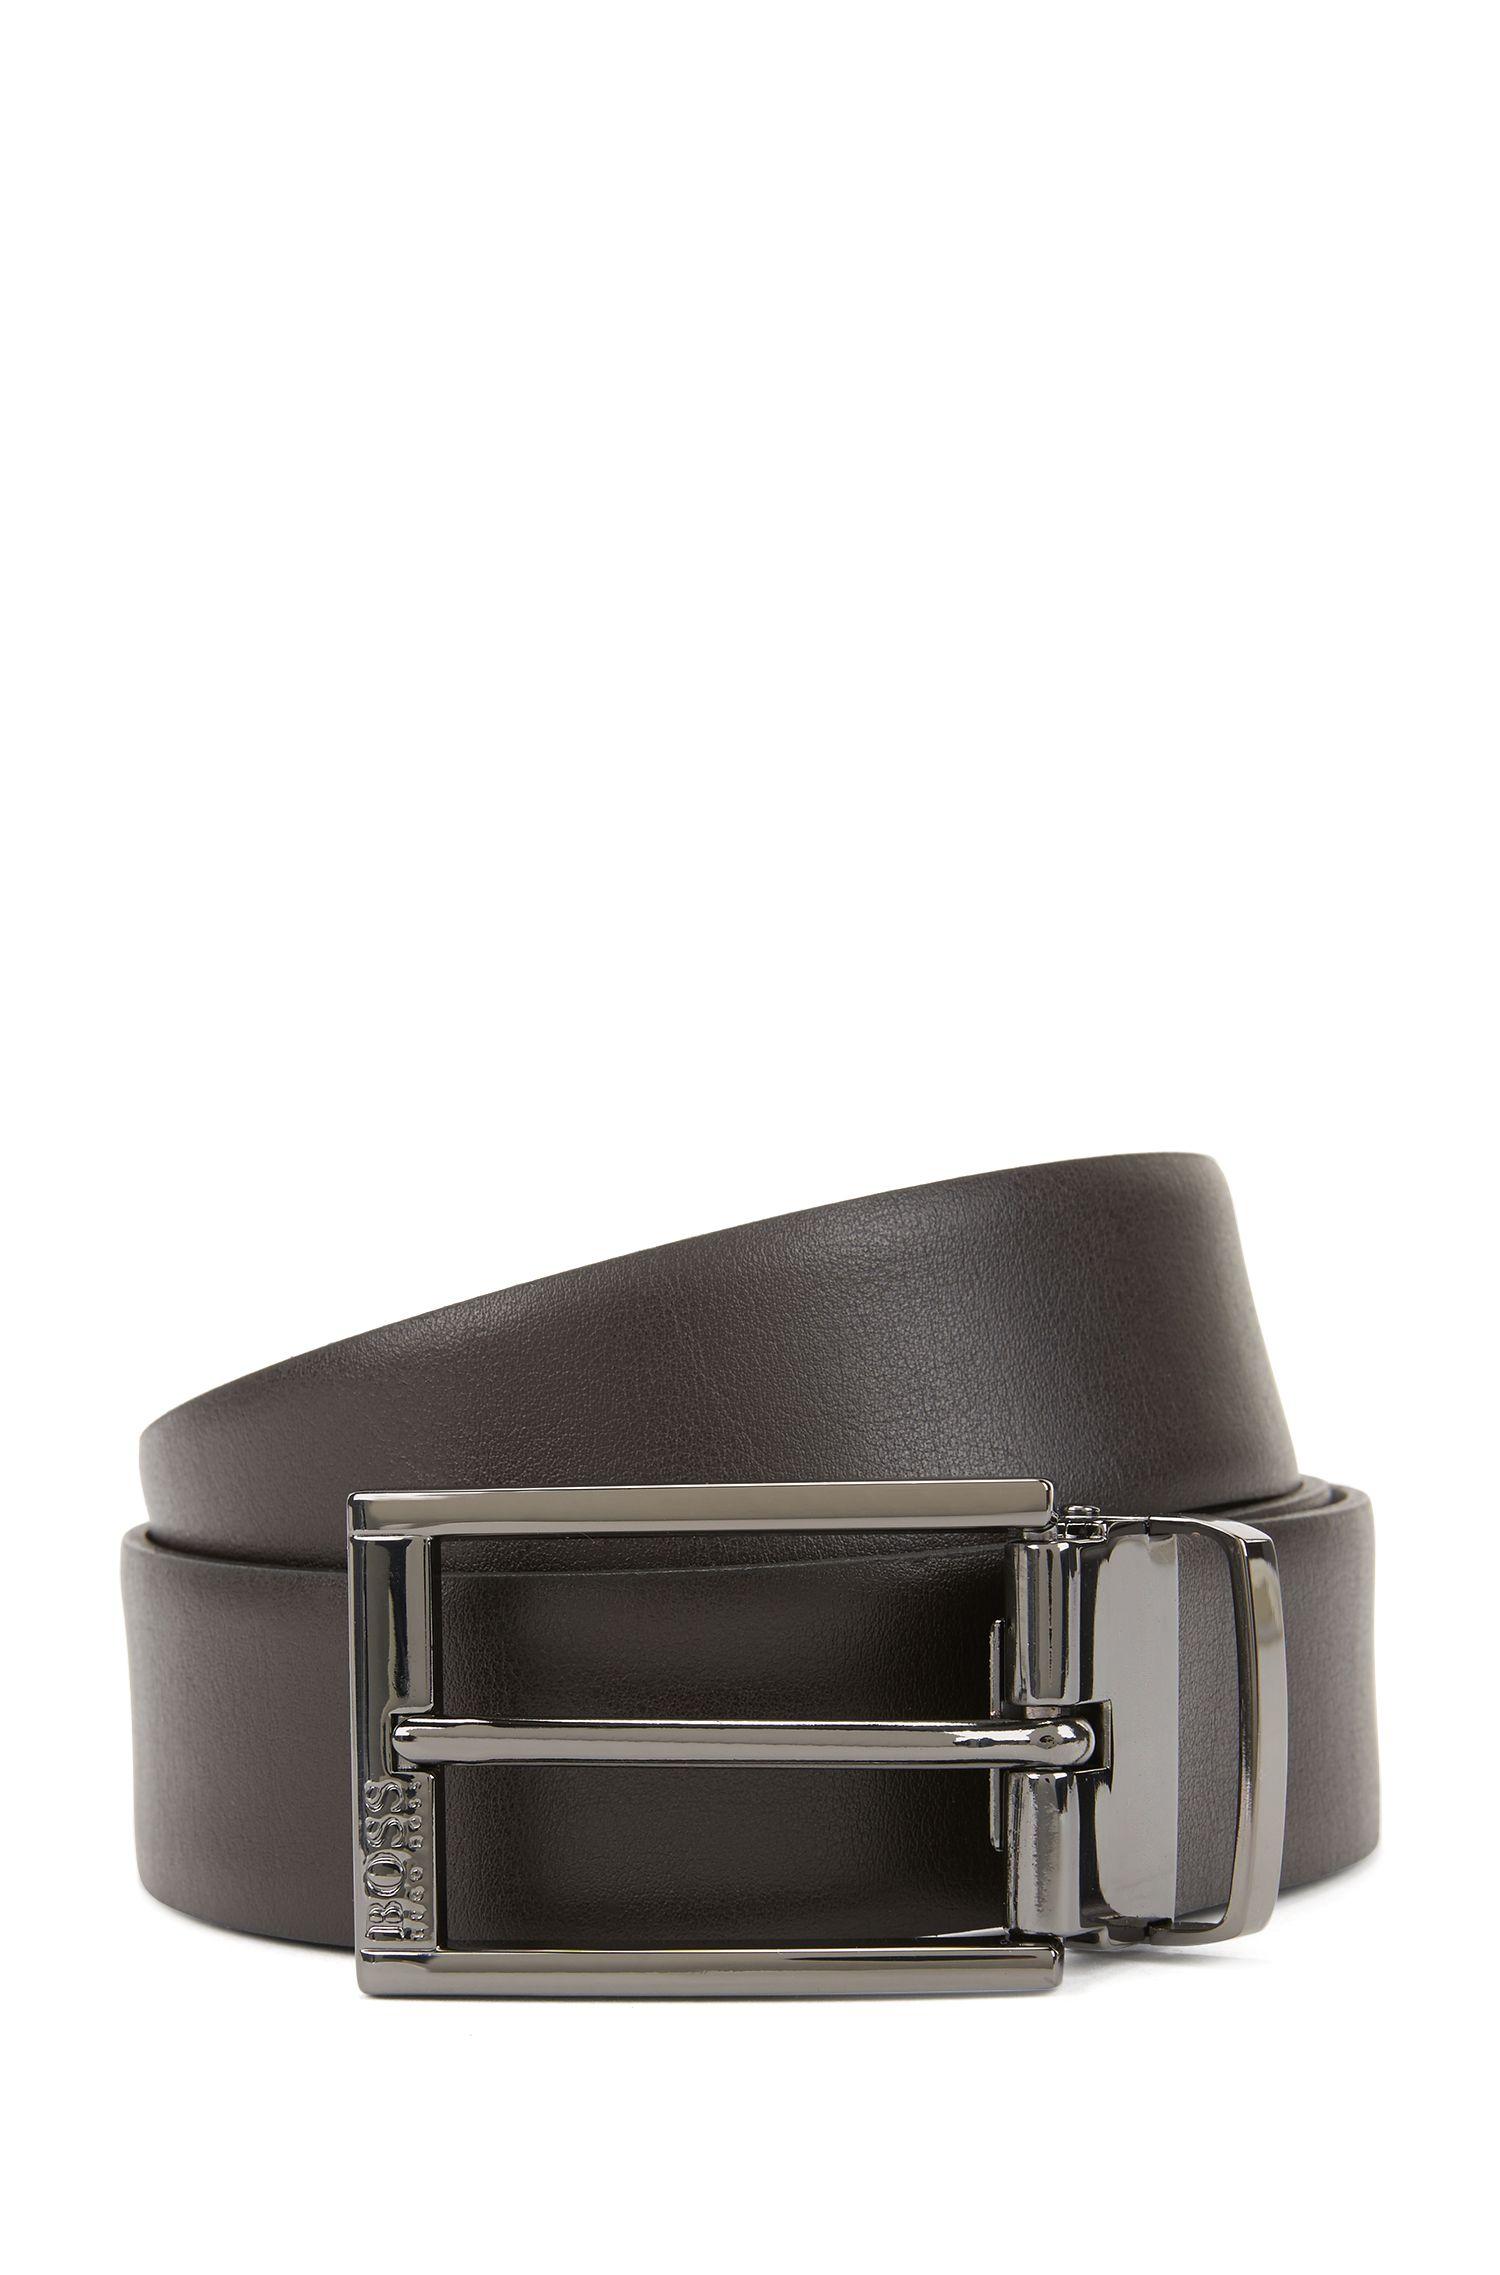 Cinturón reversible de piel en dos tonos con herrajes de metal pesado